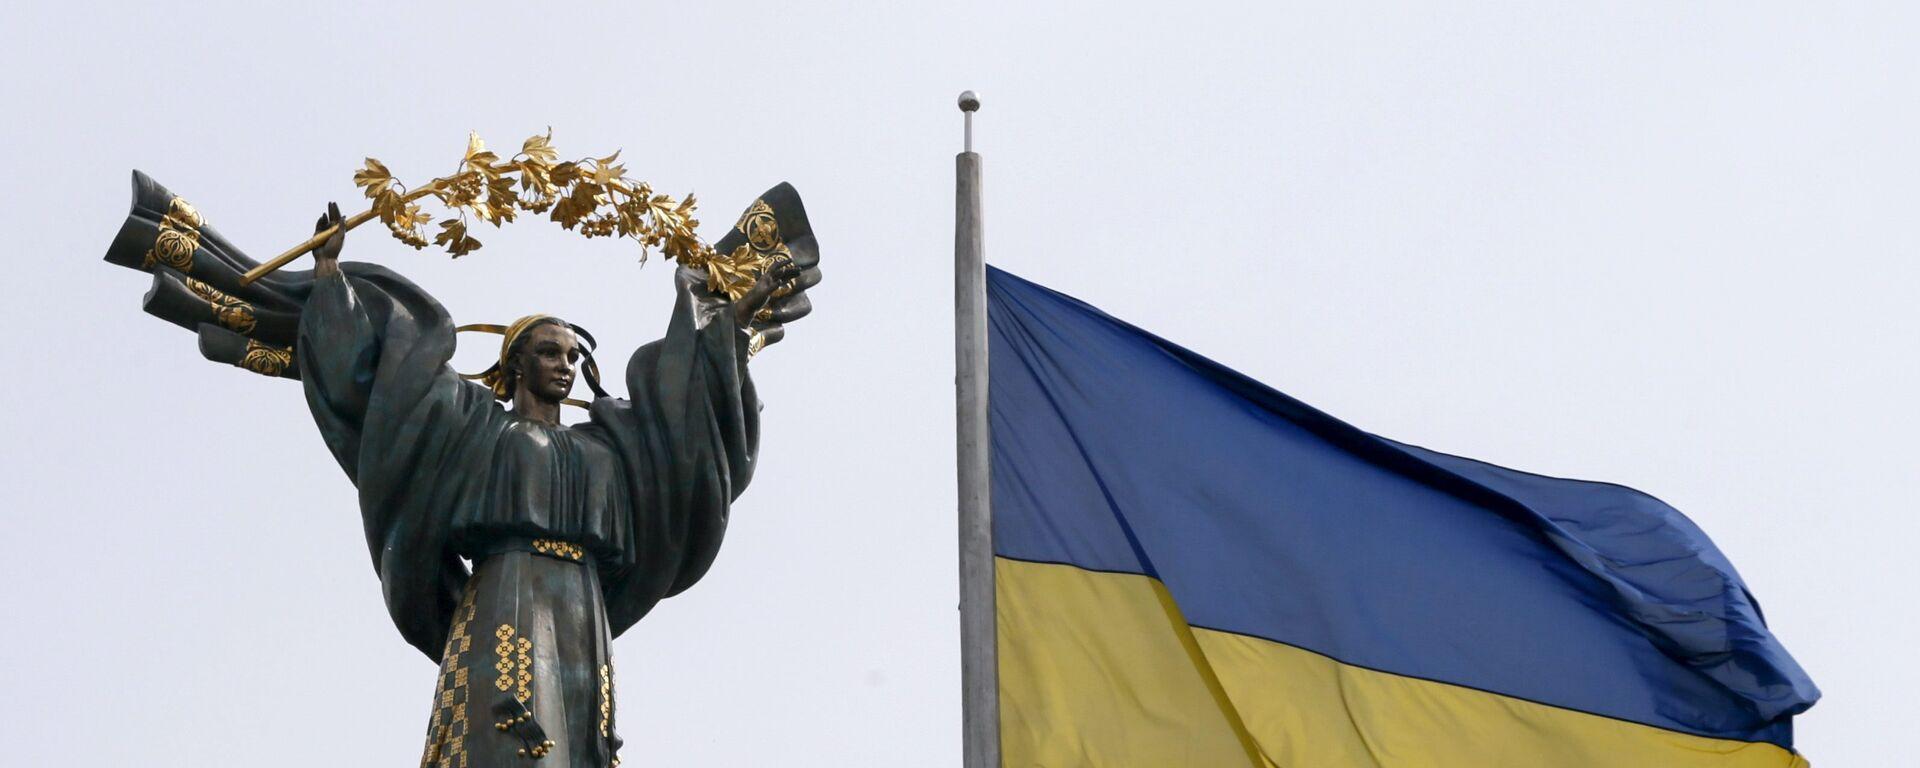 Монумент Независимости в Киеве и флаг Украины - Sputnik Латвия, 1920, 06.09.2021